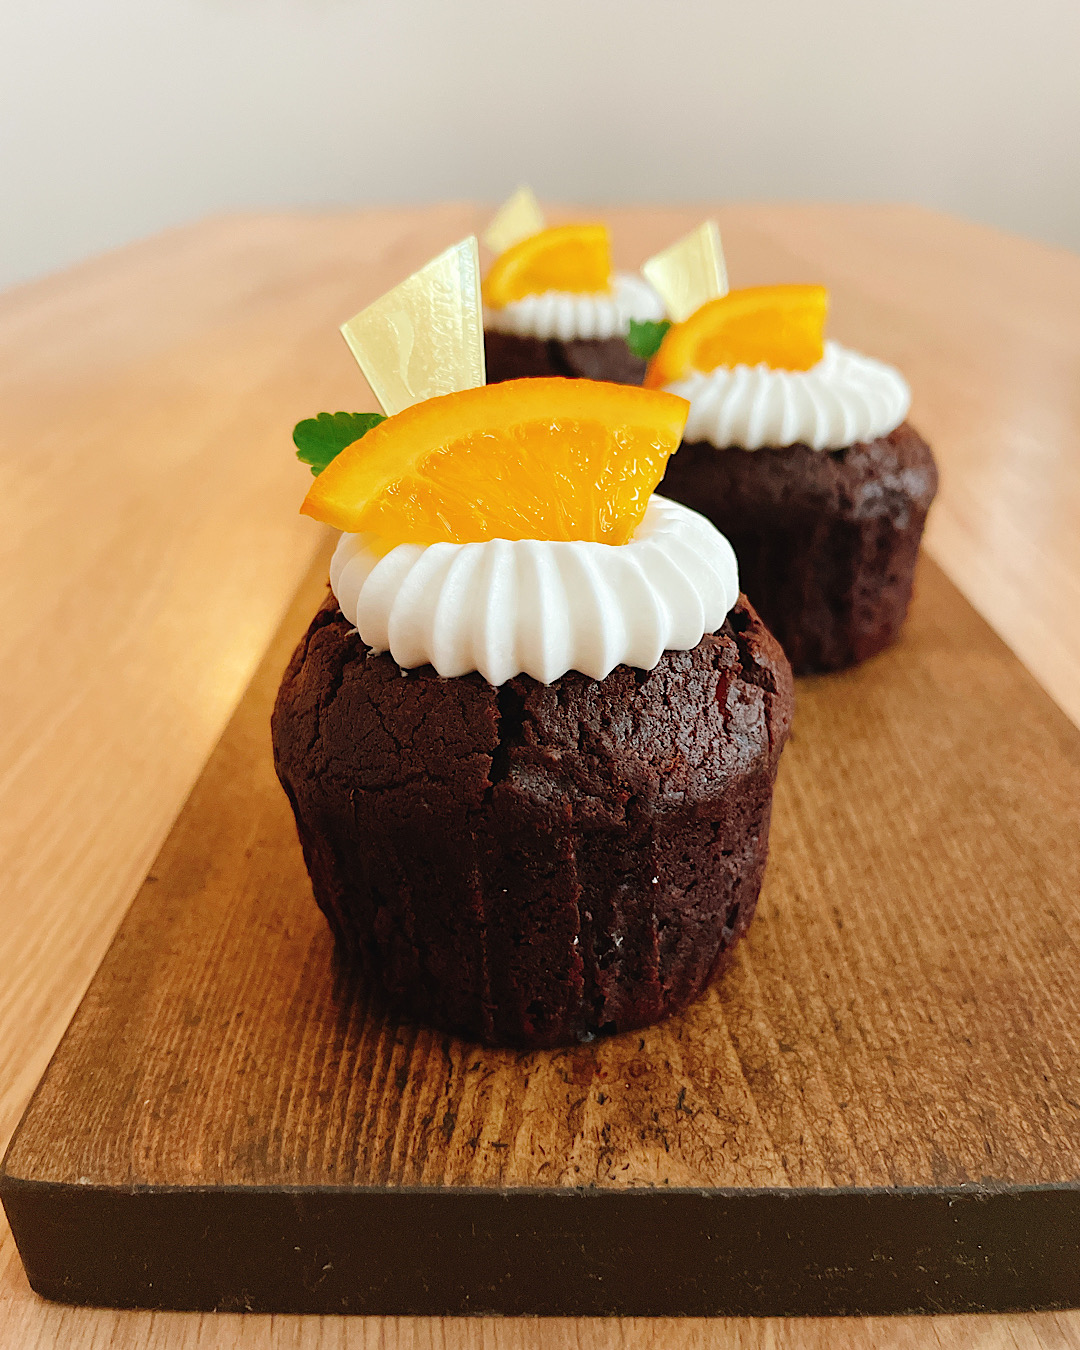 【おうちカフェ】混ぜるだけ!オレンジ香るショコラカップケーキを手づくり♡_2